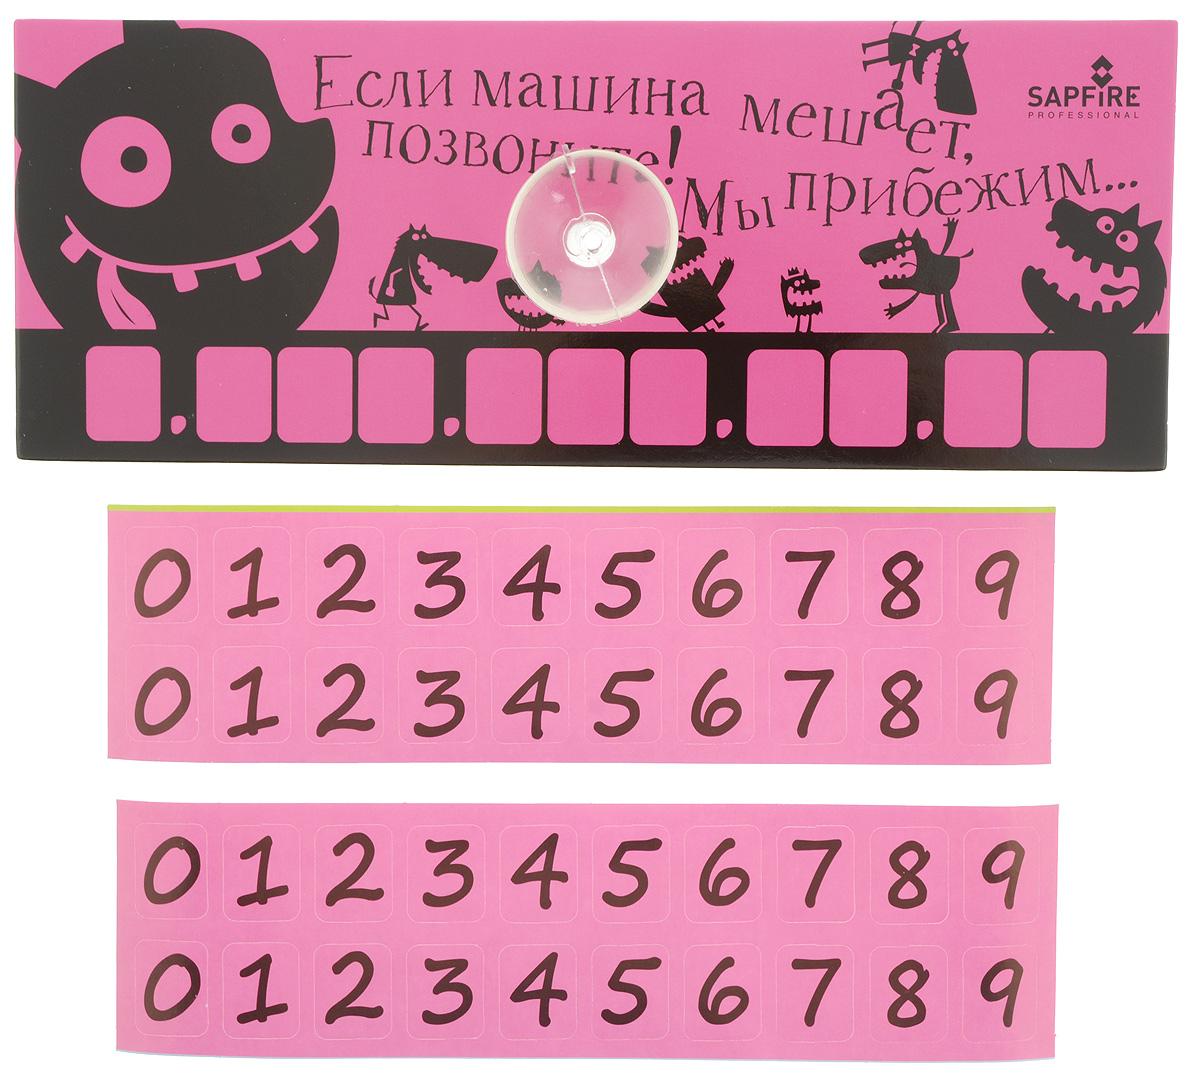 Табличка для телефонного номера на стекло Sapfire, цвет: розовый, черный, 21 х 8 см. SCH-0711SCH-0711_розовый, черныйТабличка для телефонного номера Sapfire служит для оповещения владельцев окружающих транспортных средств о способе связаться с вами, в случае, если вы их заблокировали своим автомобилем. Крепится на присоску. В комплект входят 2 набора наклеек с цифрами.